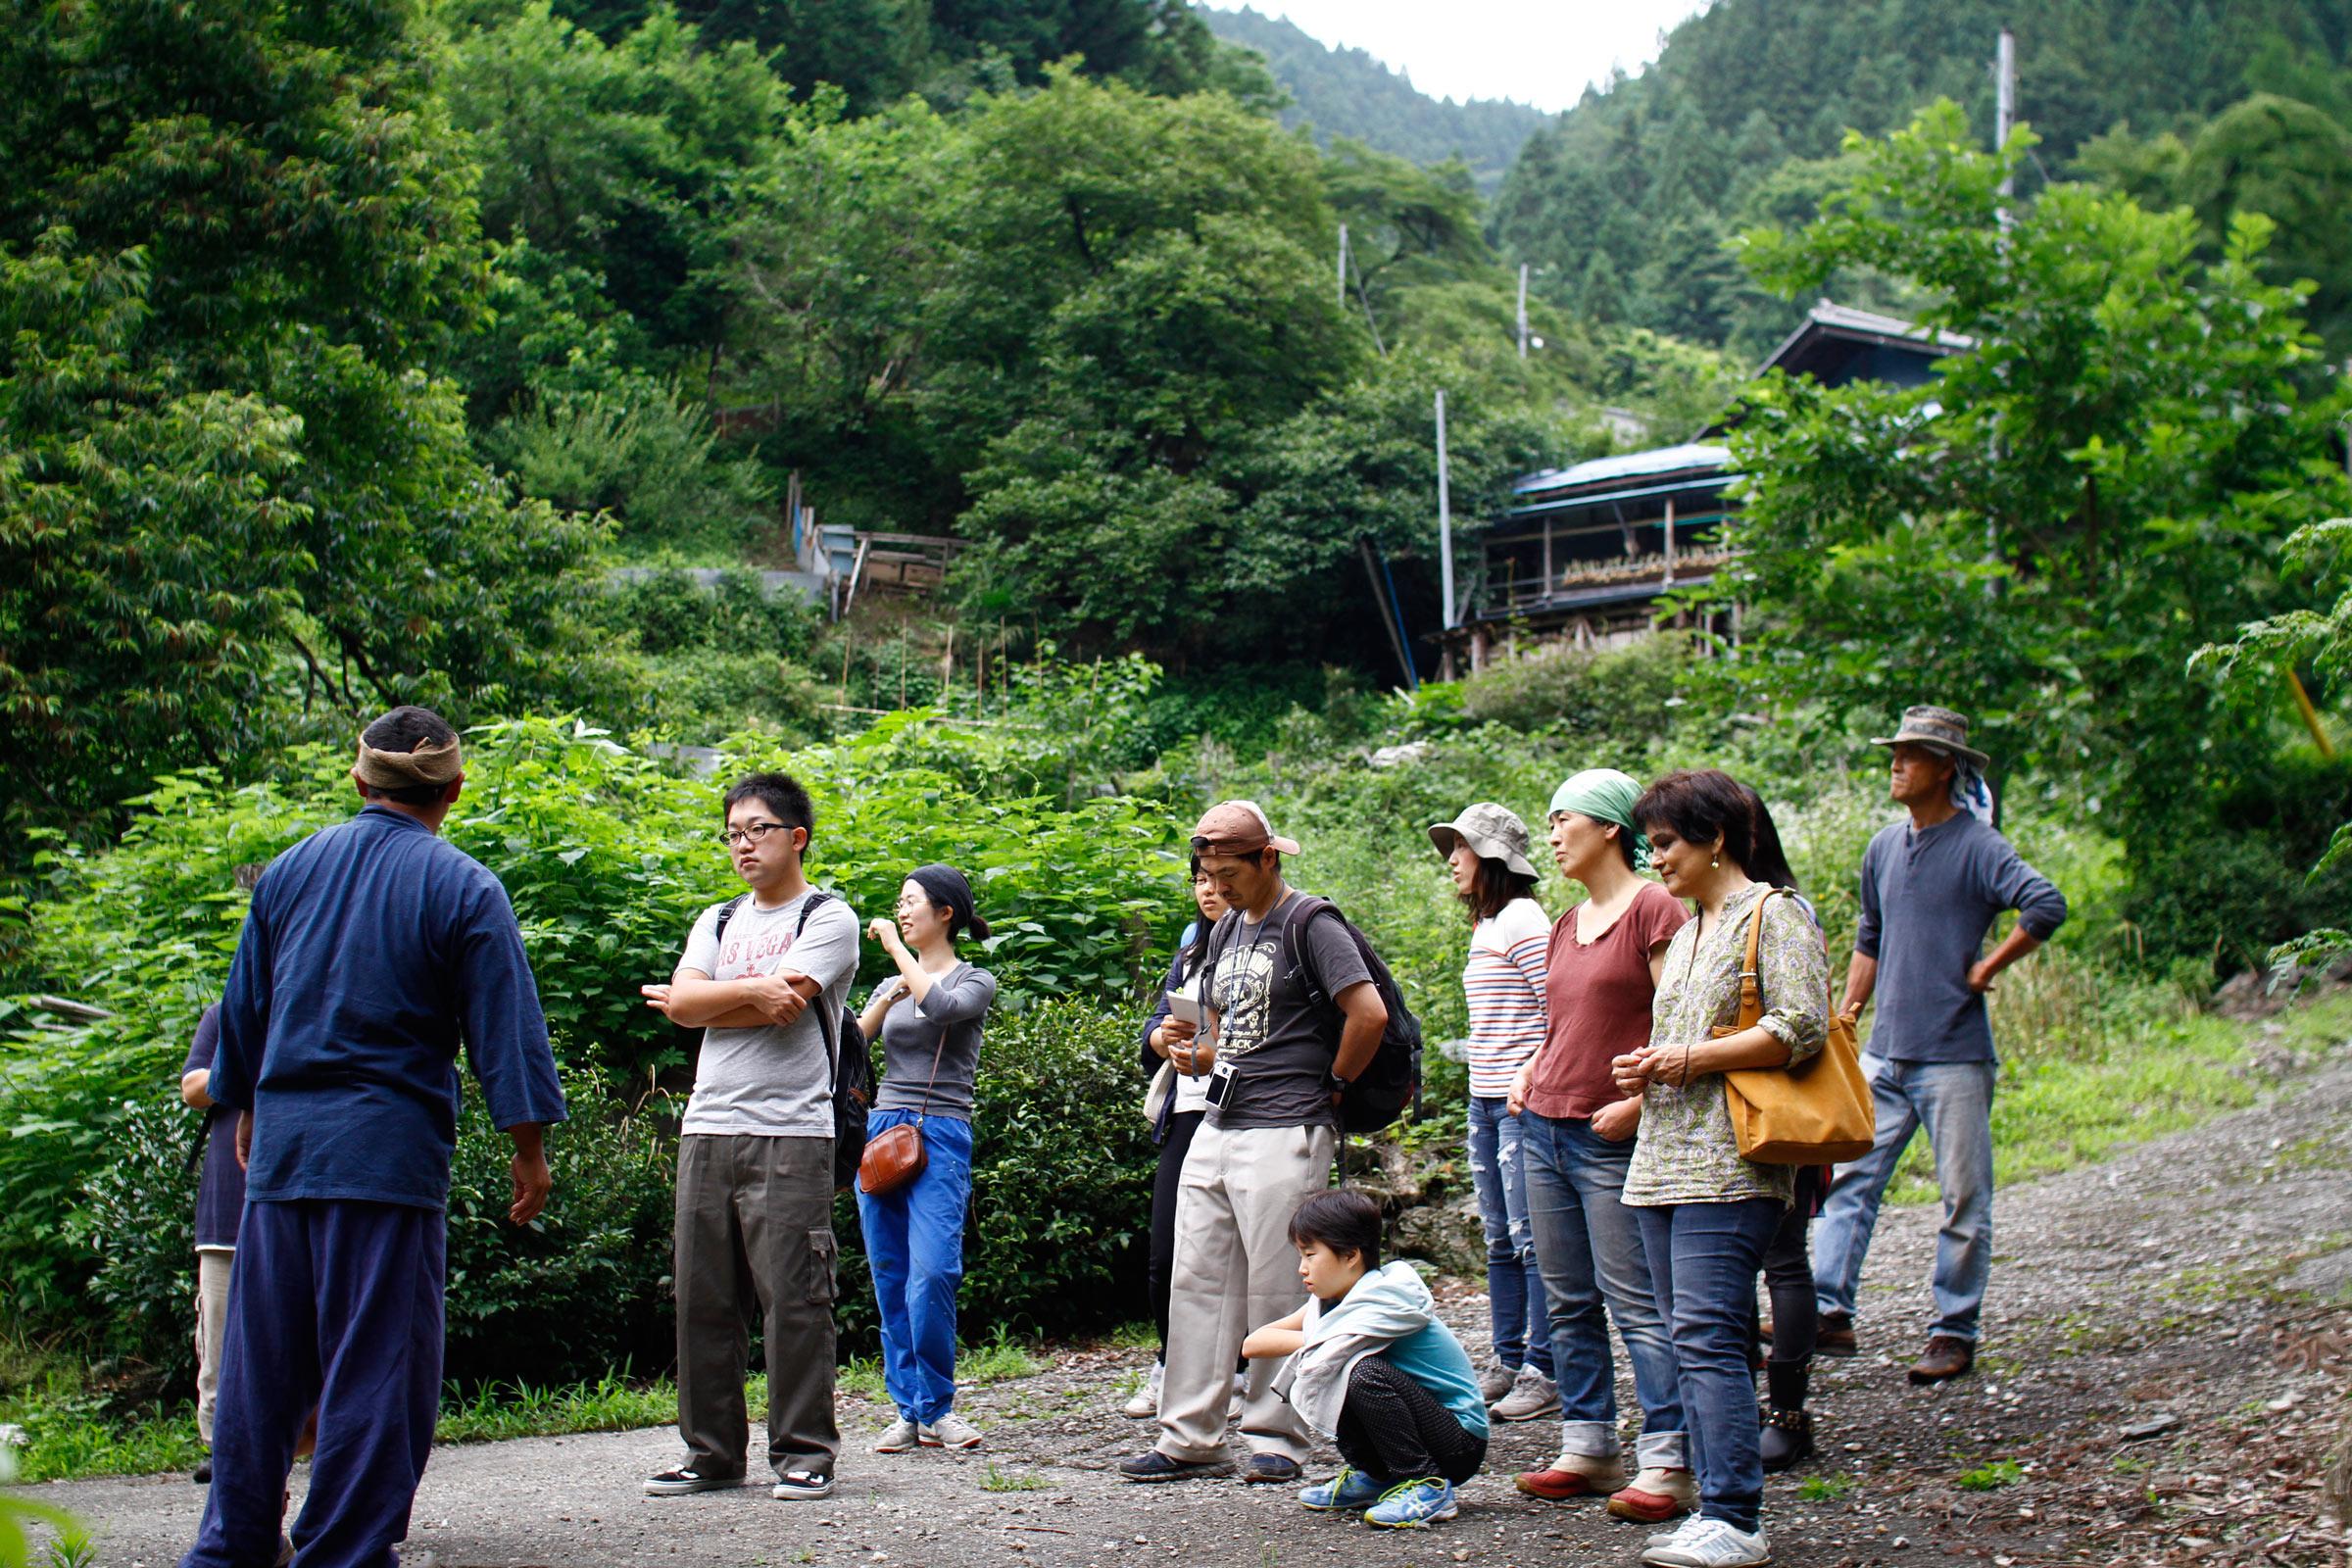 Art-Residency-Workshop-Japan-Nature-02